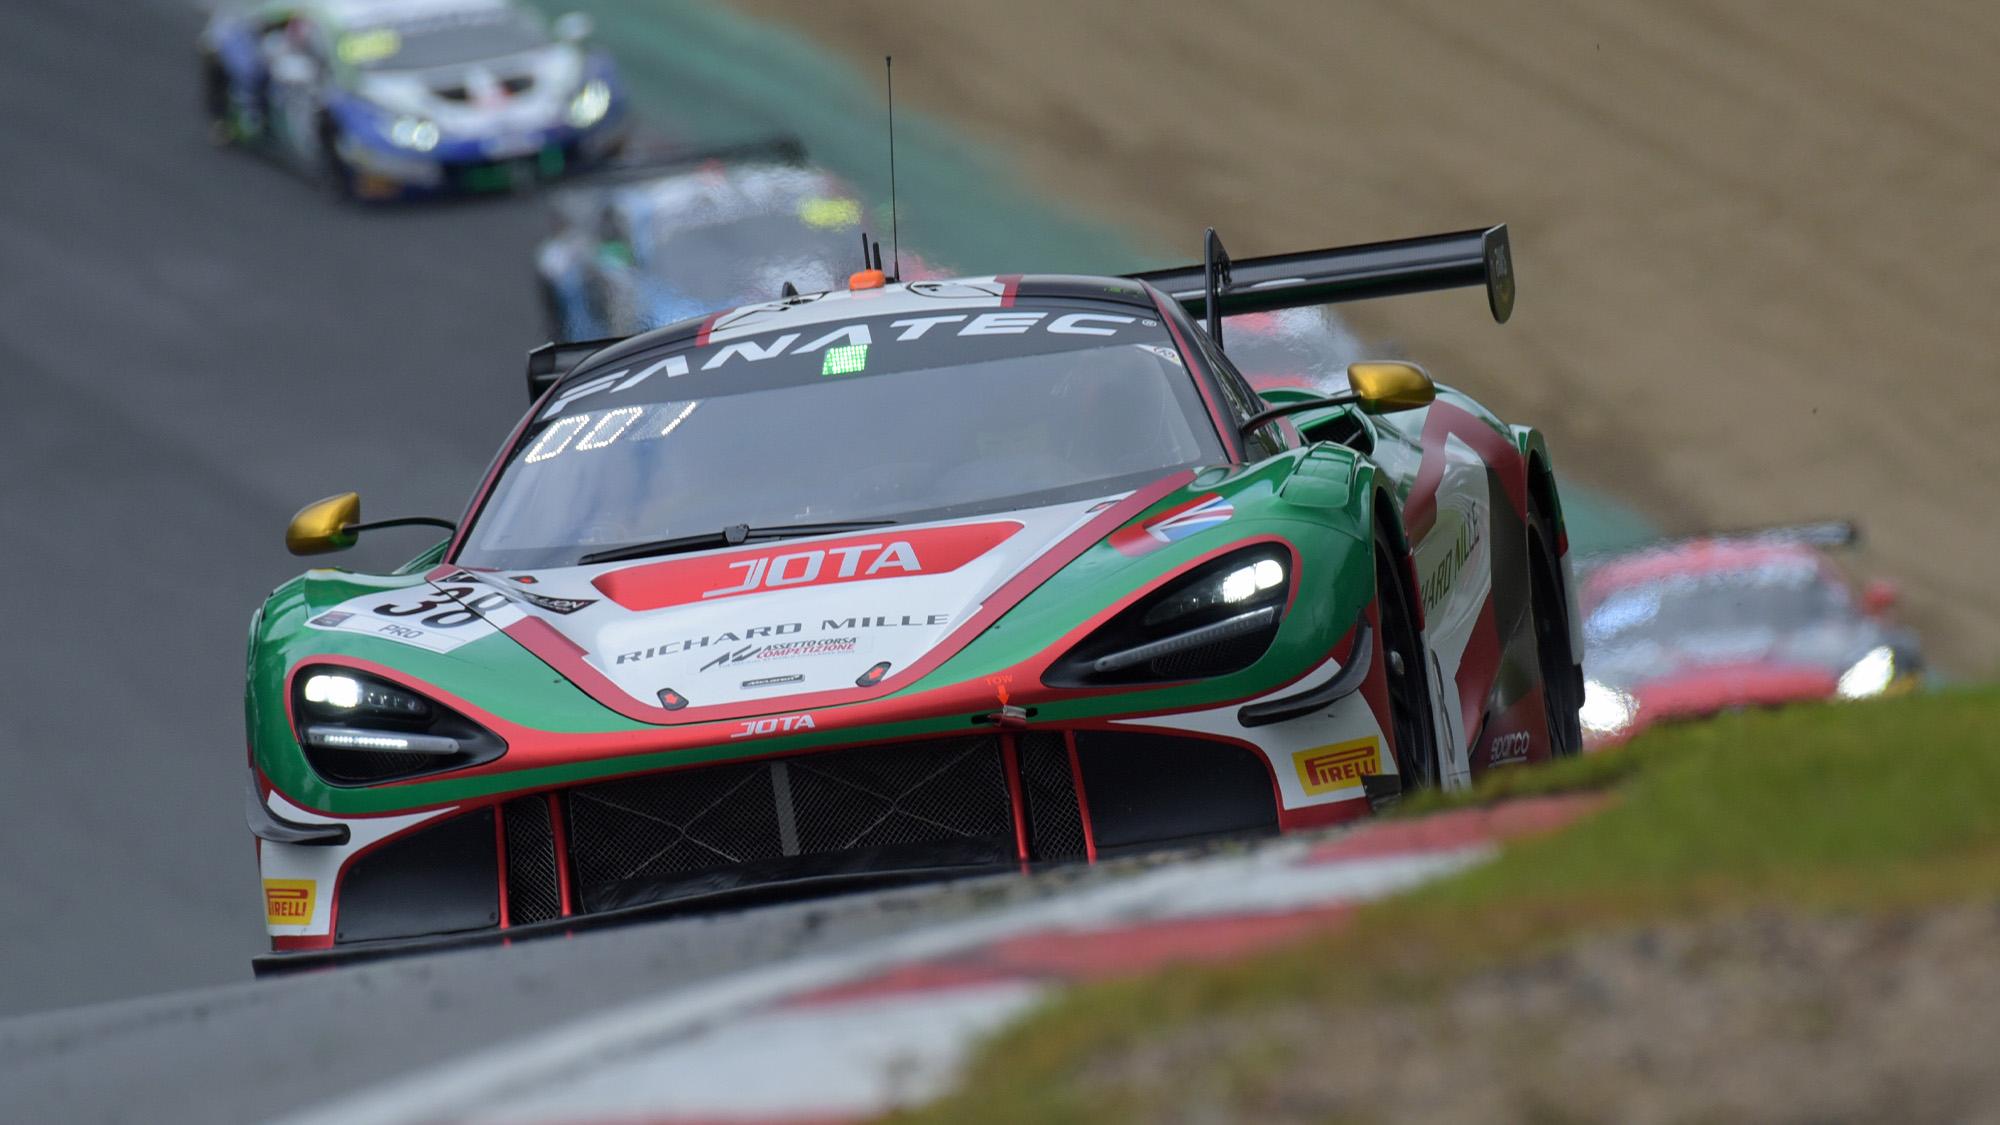 McLaren in GT World Challenge race